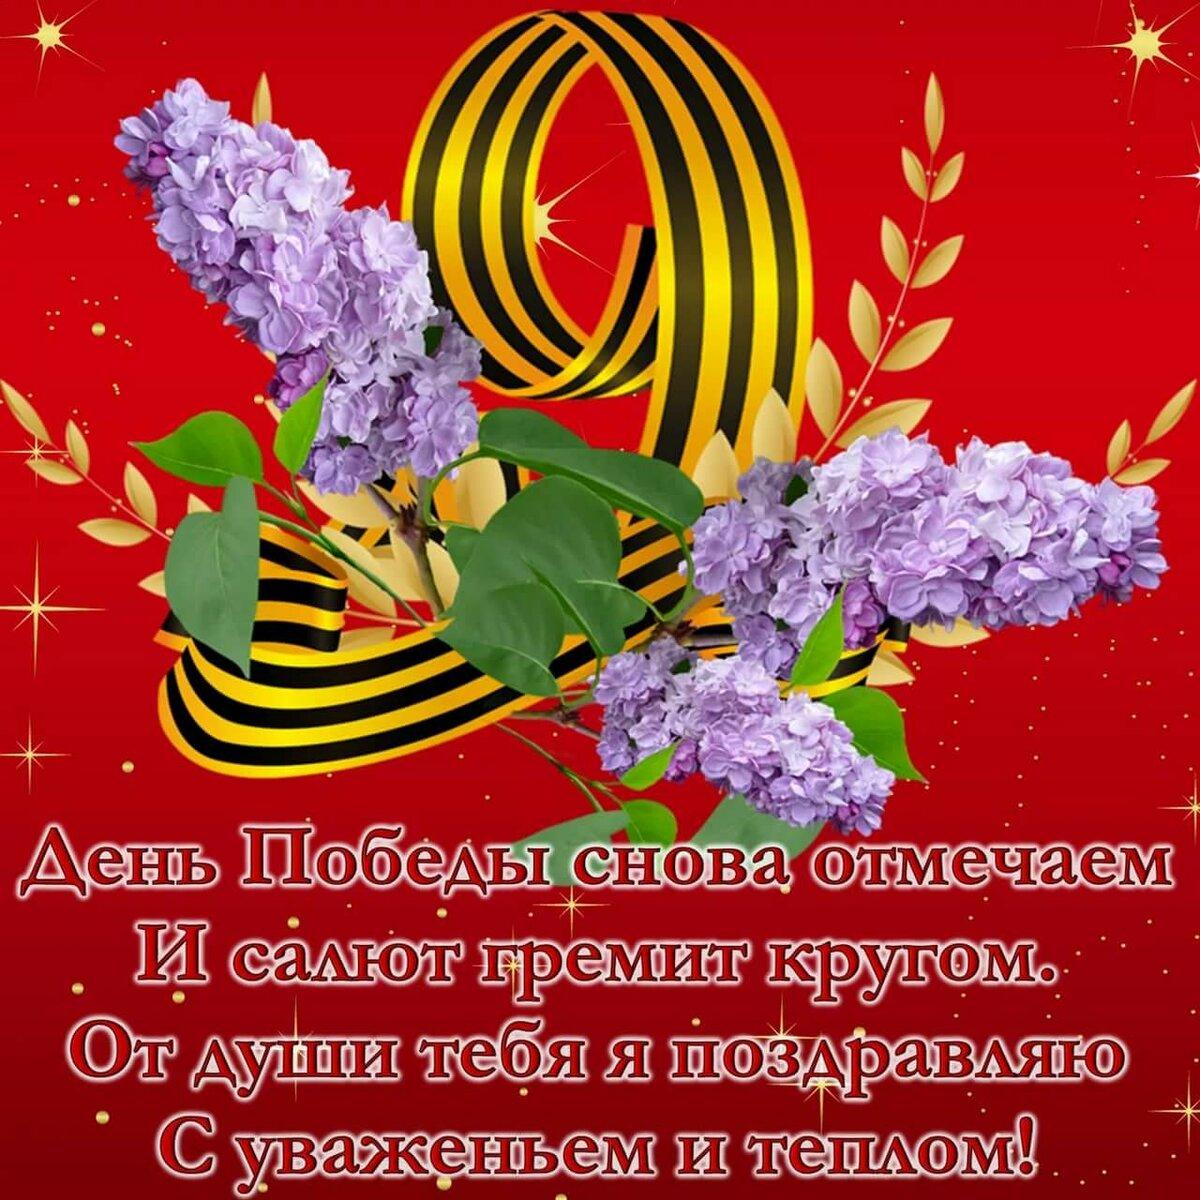 Поздравление с 9 мая в стихах картинках